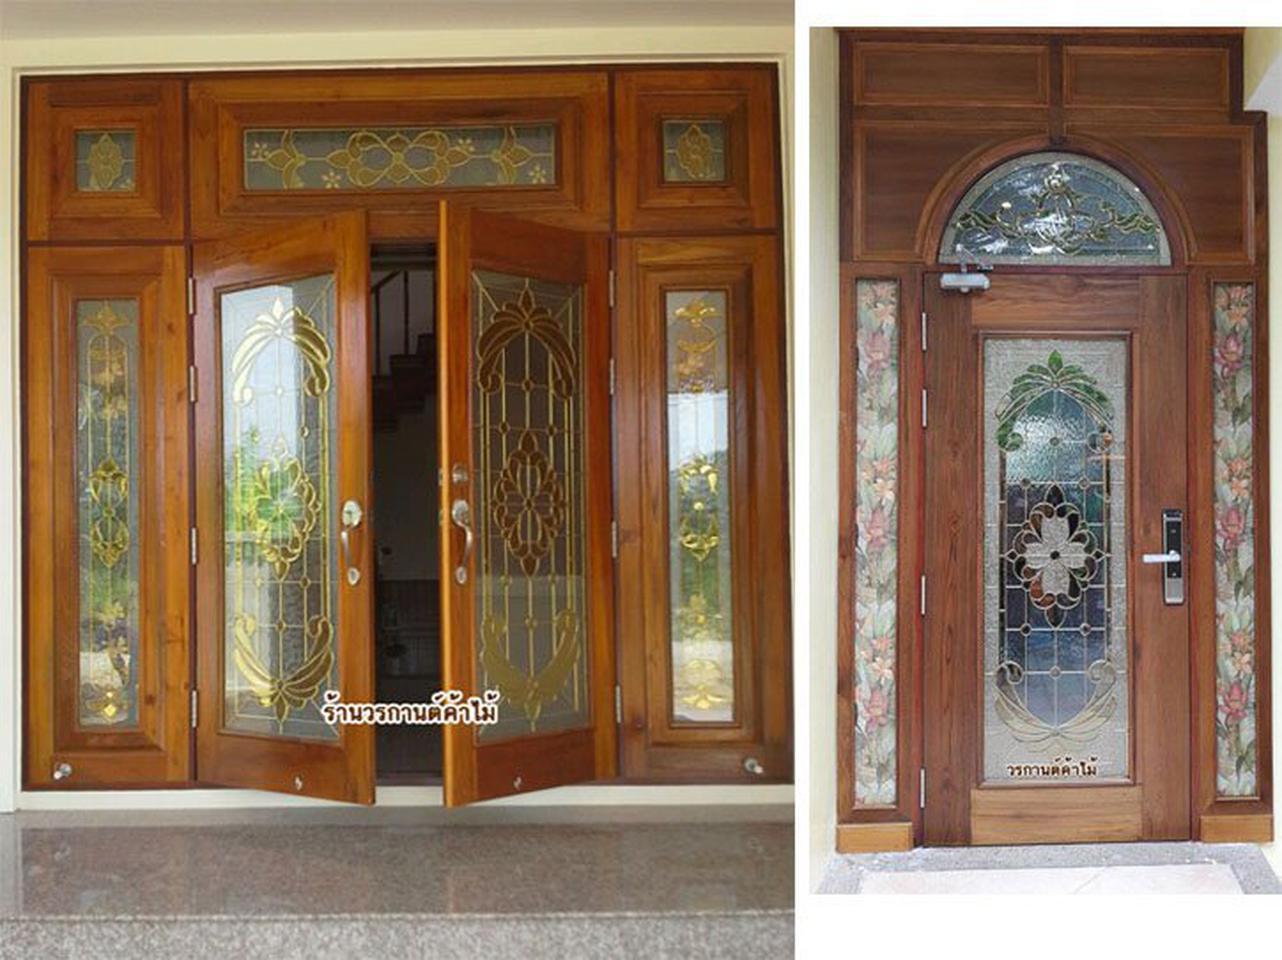 ประตูไม้สัก ,ประตูไม้สักกระจกนิรภัย, ประตูไม้สักบานคู่, ประตูไม้สักบานเดี่ยว ร้านวรกานต์ค้าไม้  door-woodhome.com รูปที่ 1